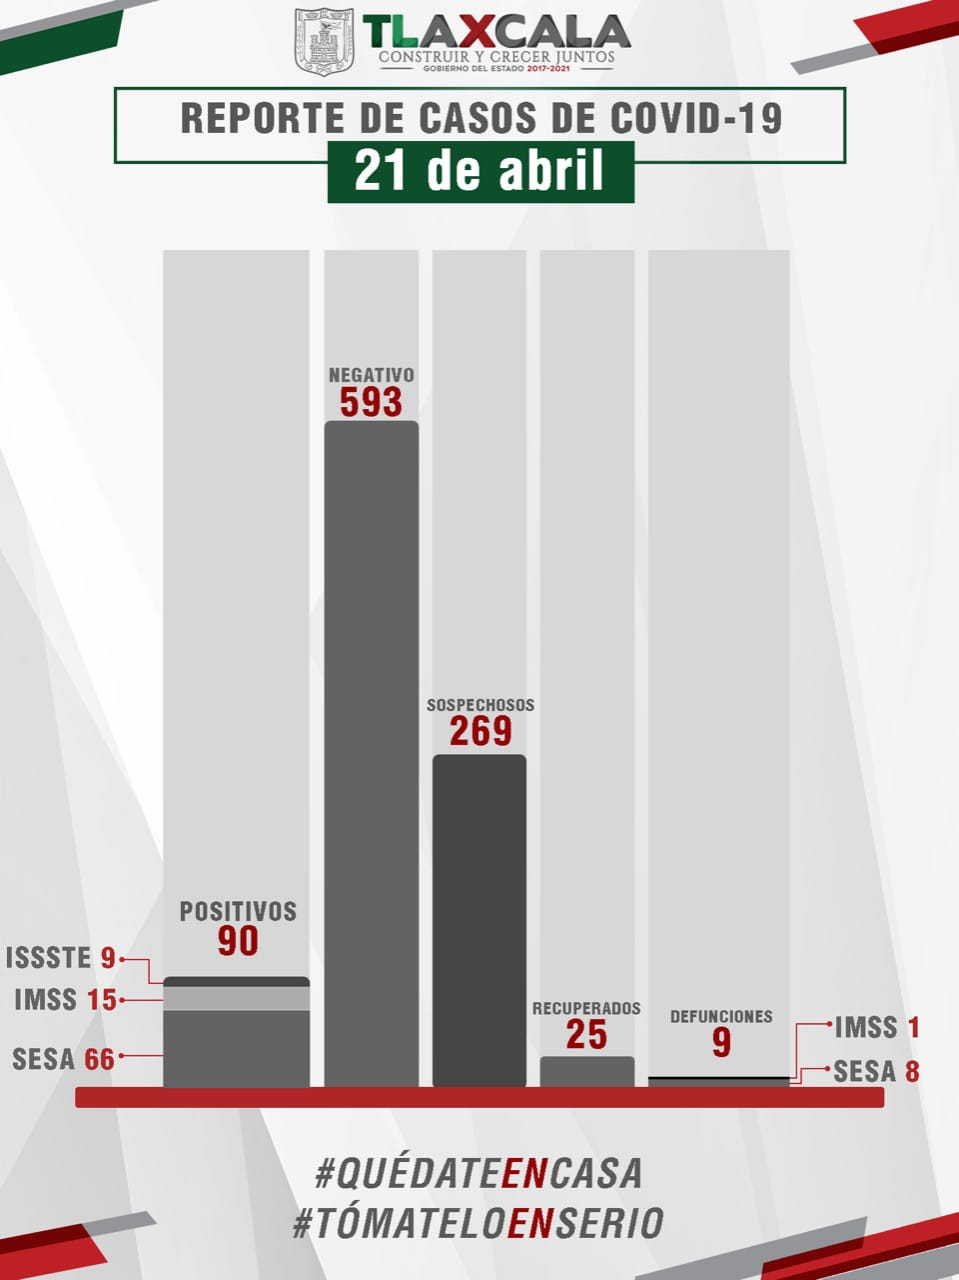 Desde Tlaxcala: Se confirman una muerte y 5 casos más de Covid